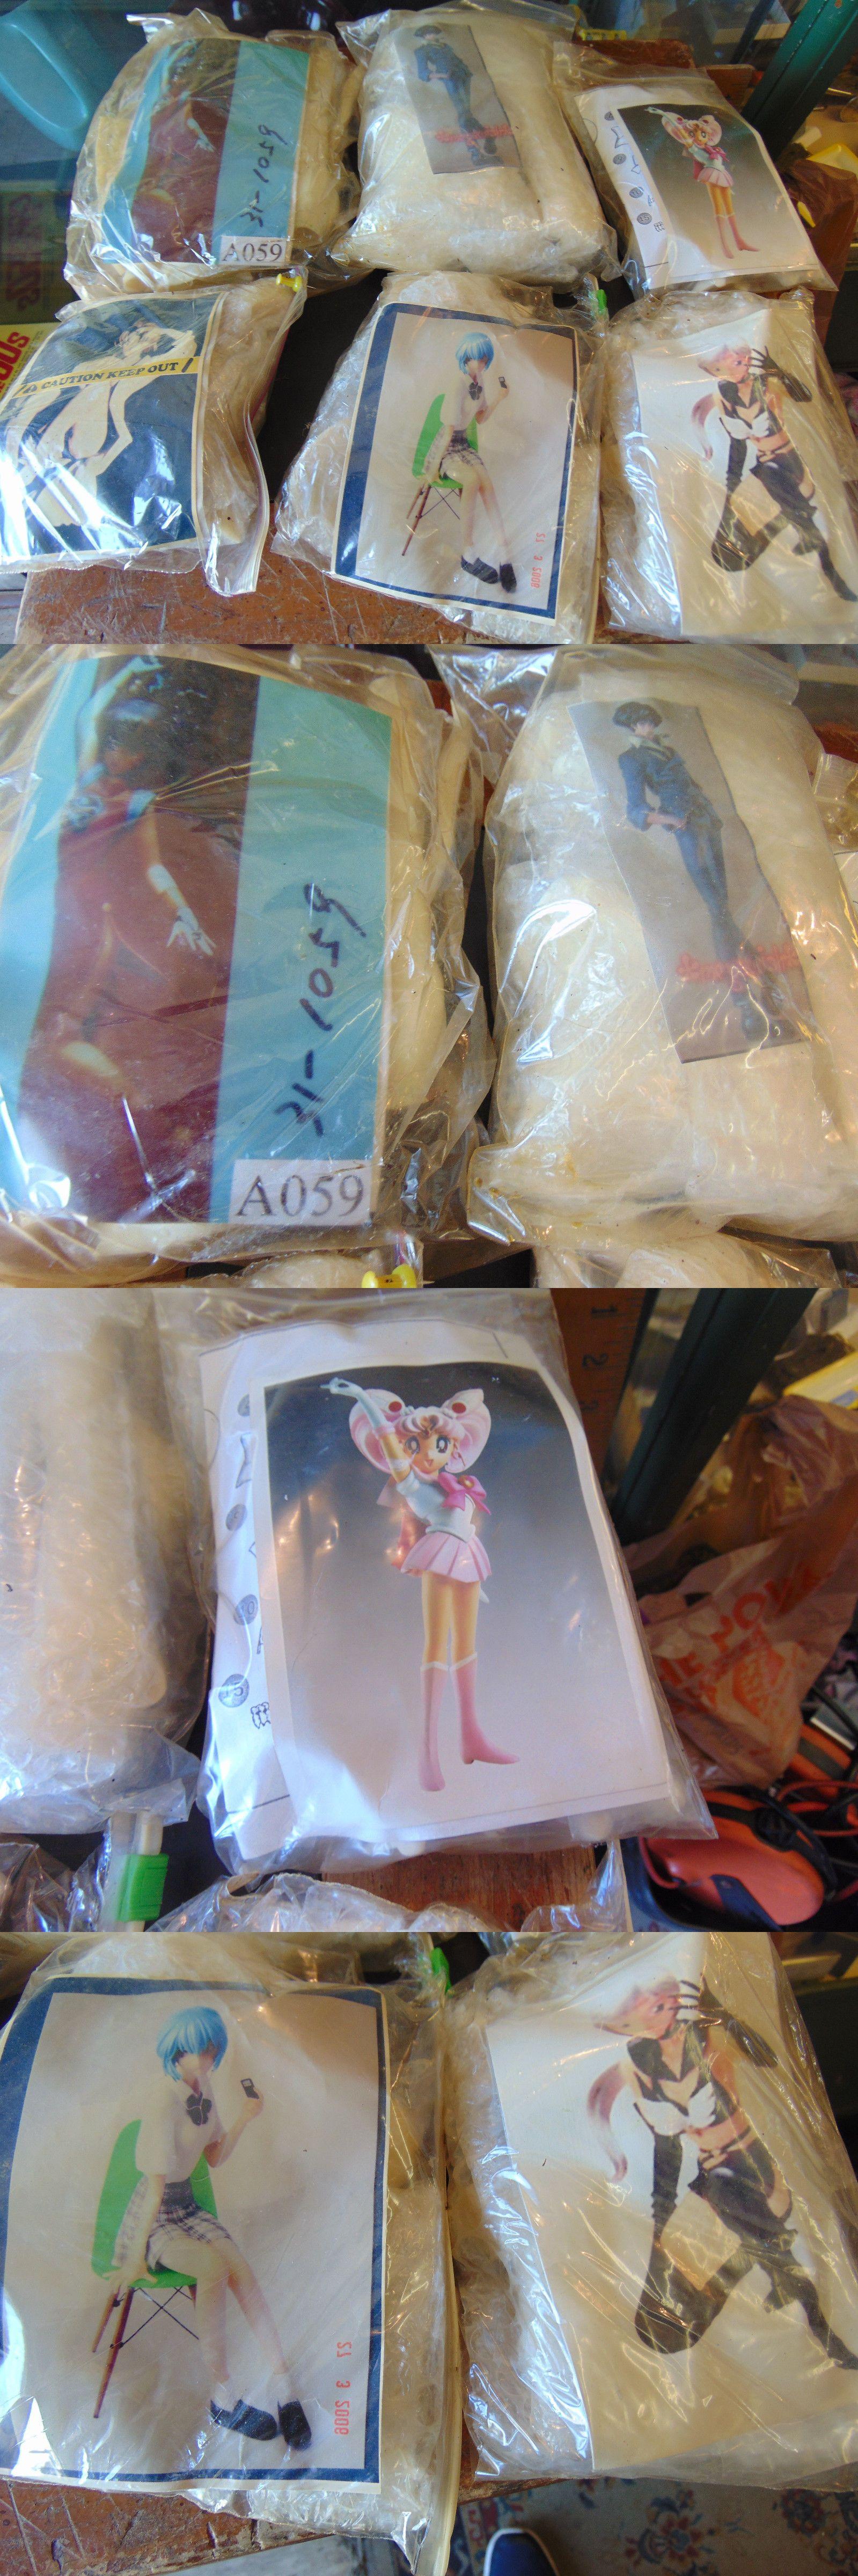 6unbilt unpainted anime figure model resin kits